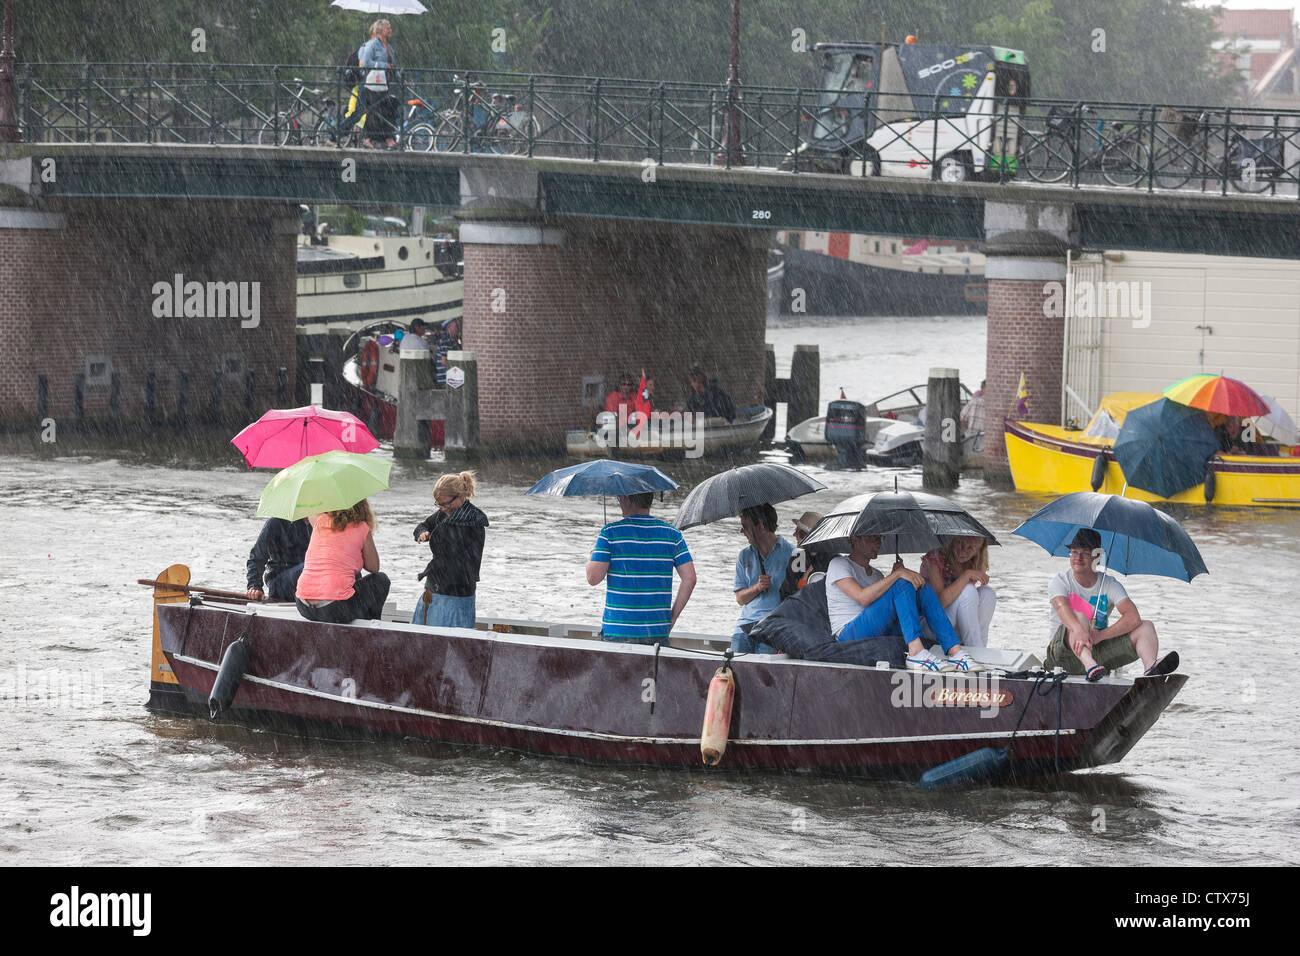 Plötzlichen reißenden Sommerregen in Amsterdam. 9 Personen in einem kleinen Boot Schaluppe mit Sonnenschirmen. Stockbild